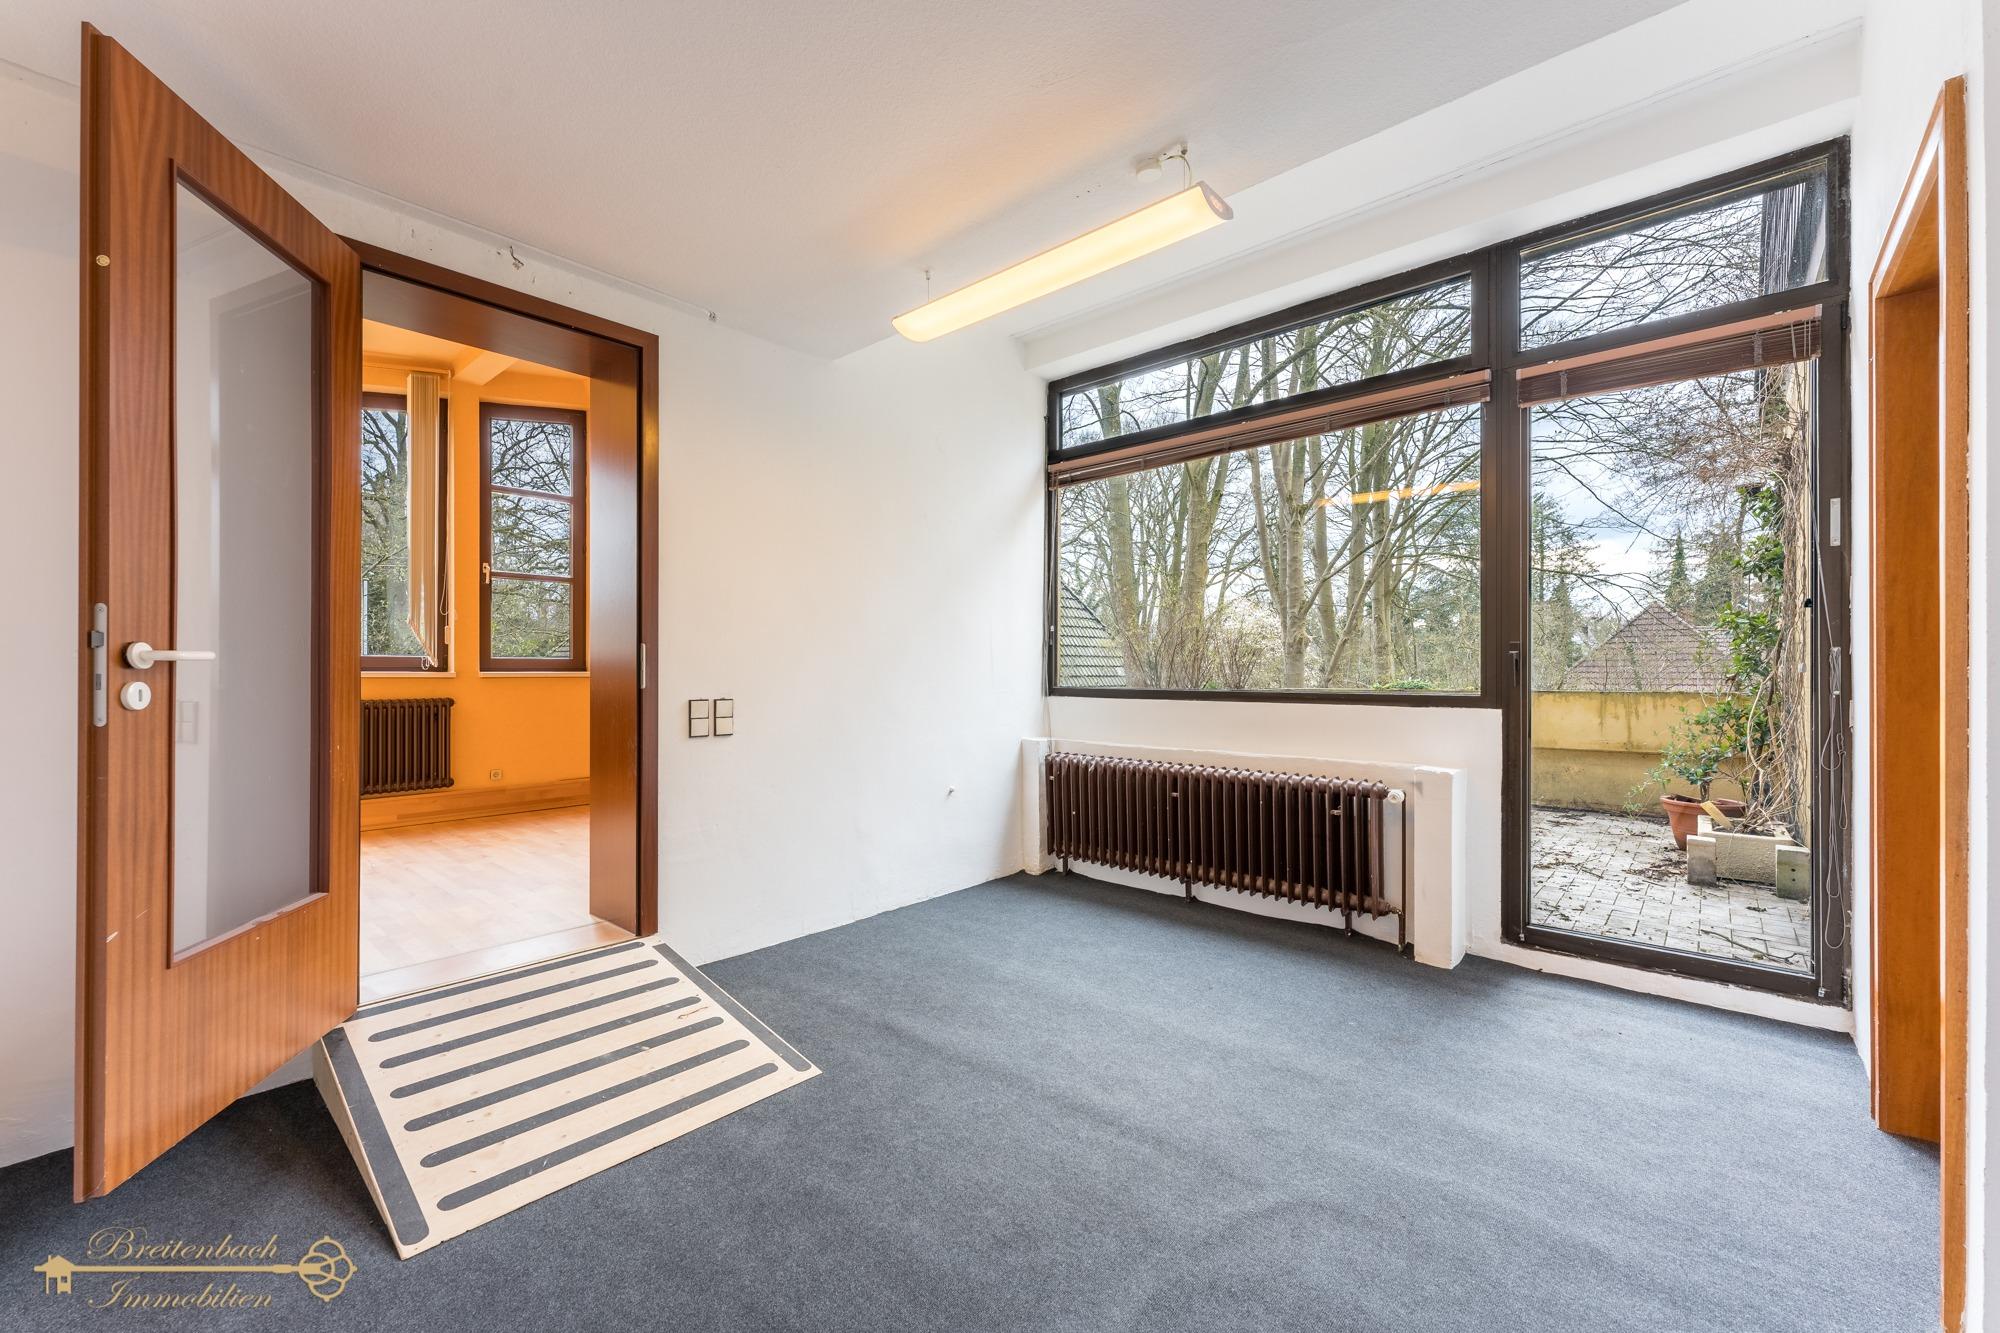 2021-04-08-Breitenbach-Immobilien-Makler-Bremen-18